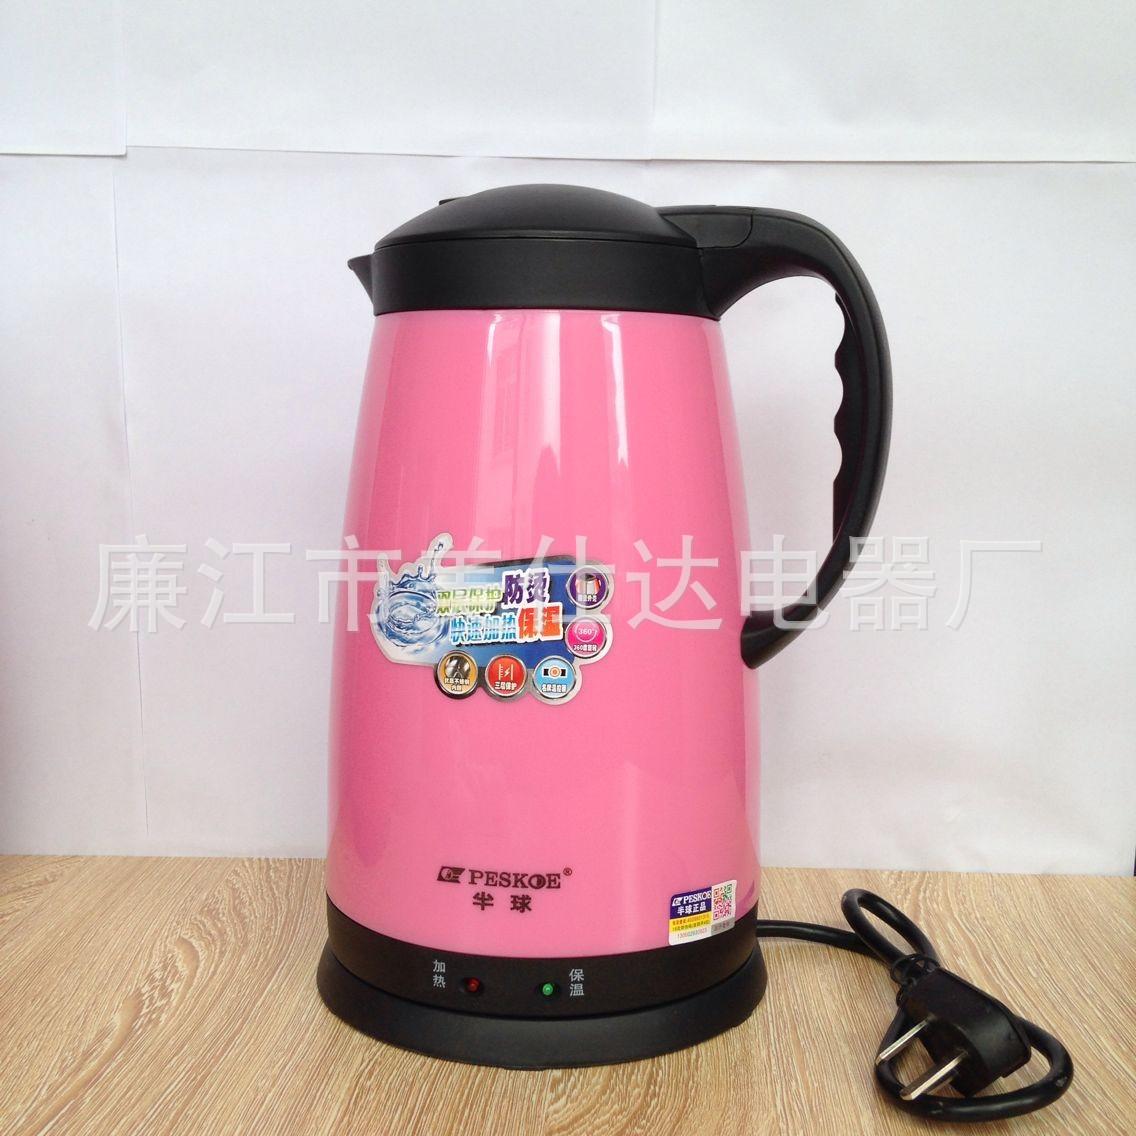 厂家直销 正品半球2.0L双层防烫手不锈钢保温壶 电热水壶 电水壶